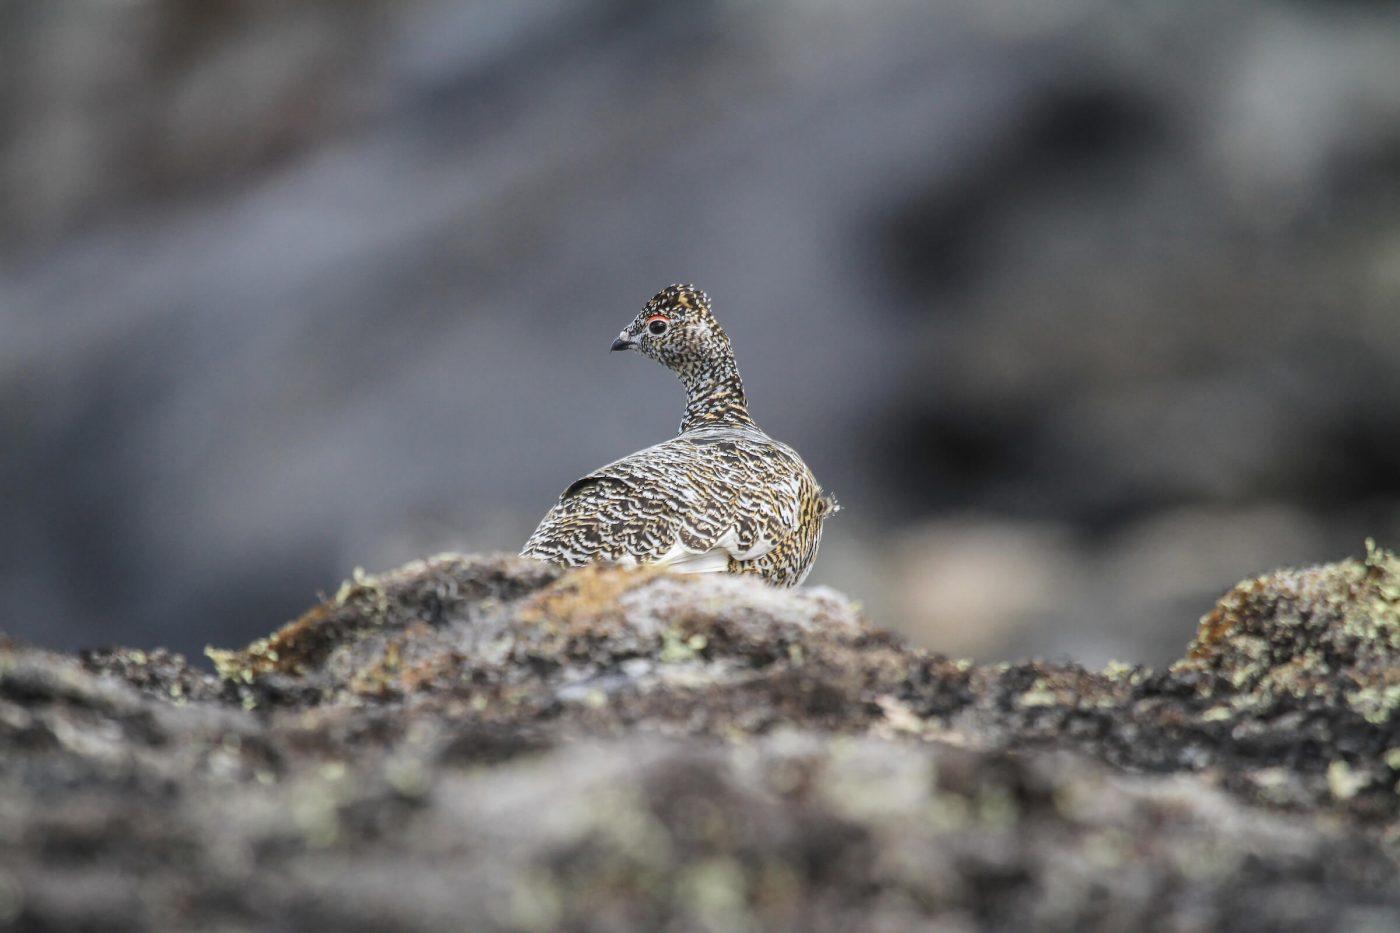 Ptarmigan among rocks. Photo by Tikki Geisler